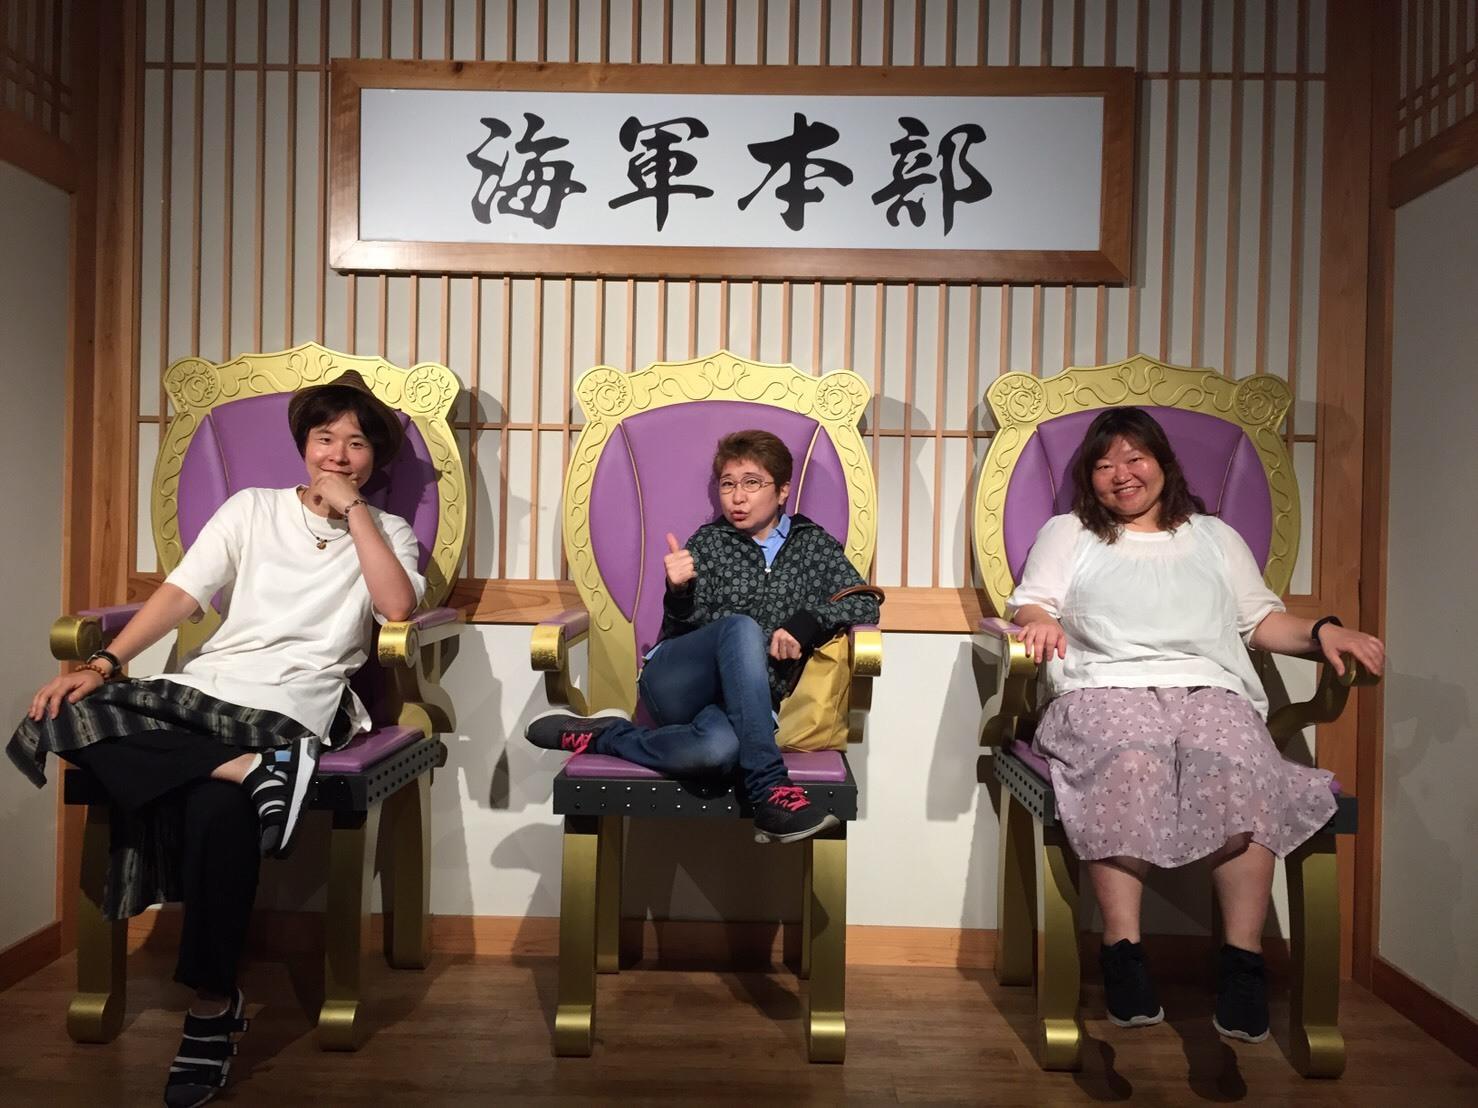 電動夏子安置システムの女優 なしお成ちゃん_a0163623_16105280.jpg